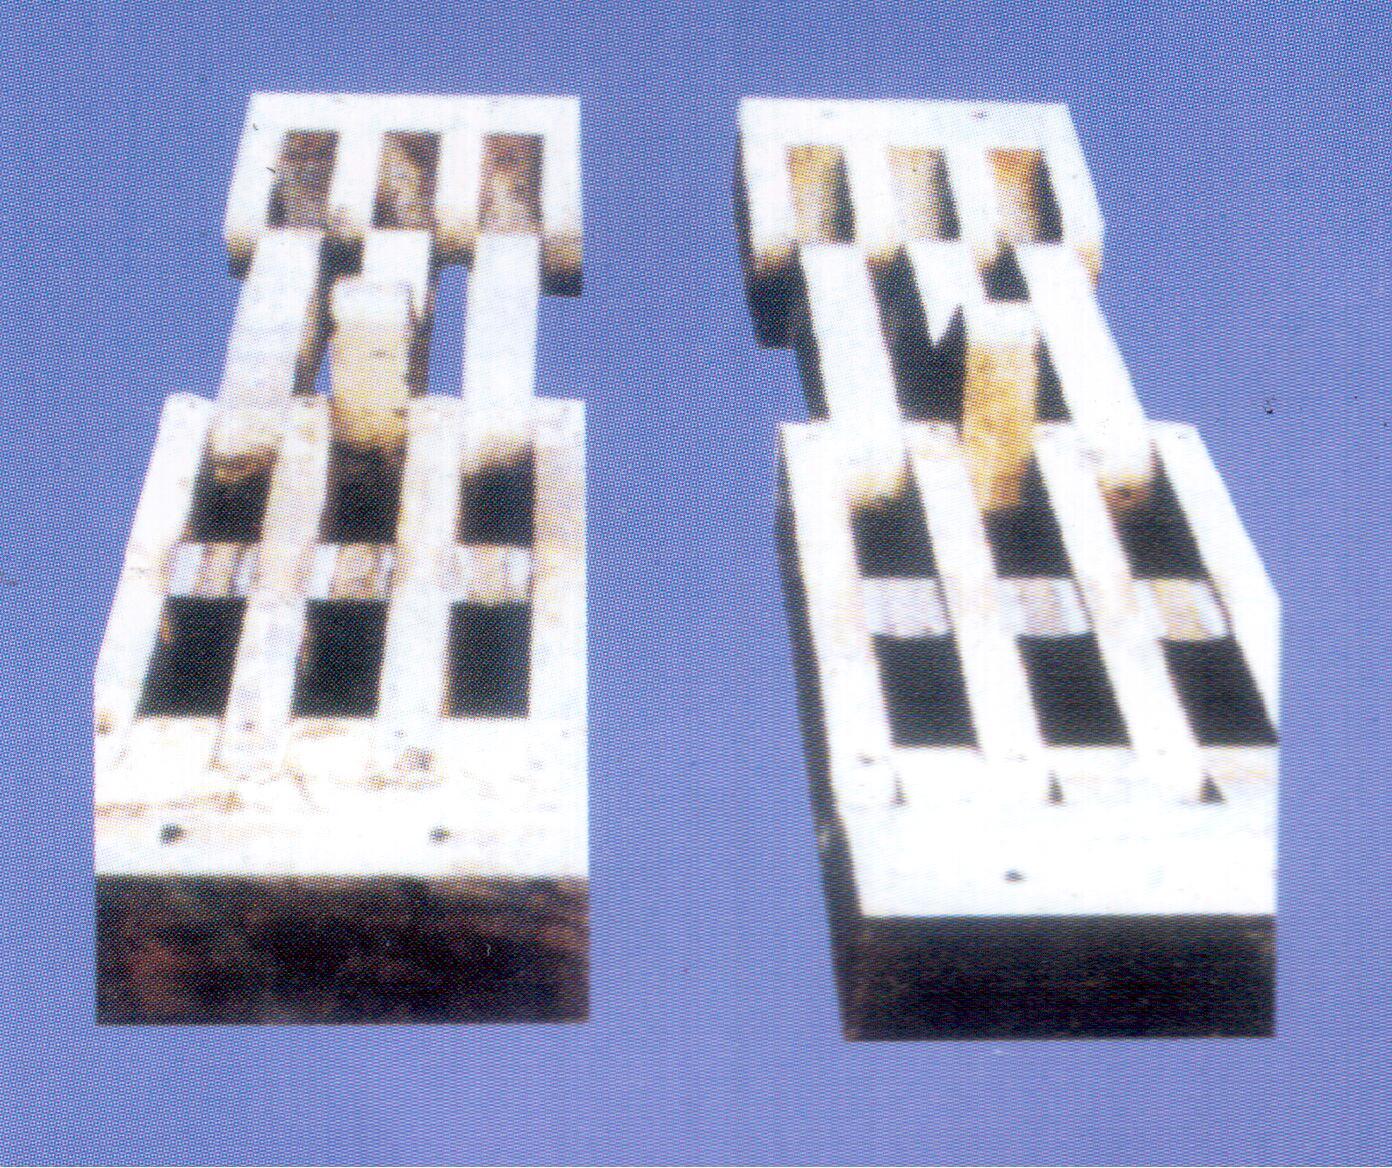 深圳注塑机机铰维修 哥林柱加工 活塞杆新做 料筒螺杆订做、模板镗孔加工、钢套 铜套 深圳注塑机维修机铰维修